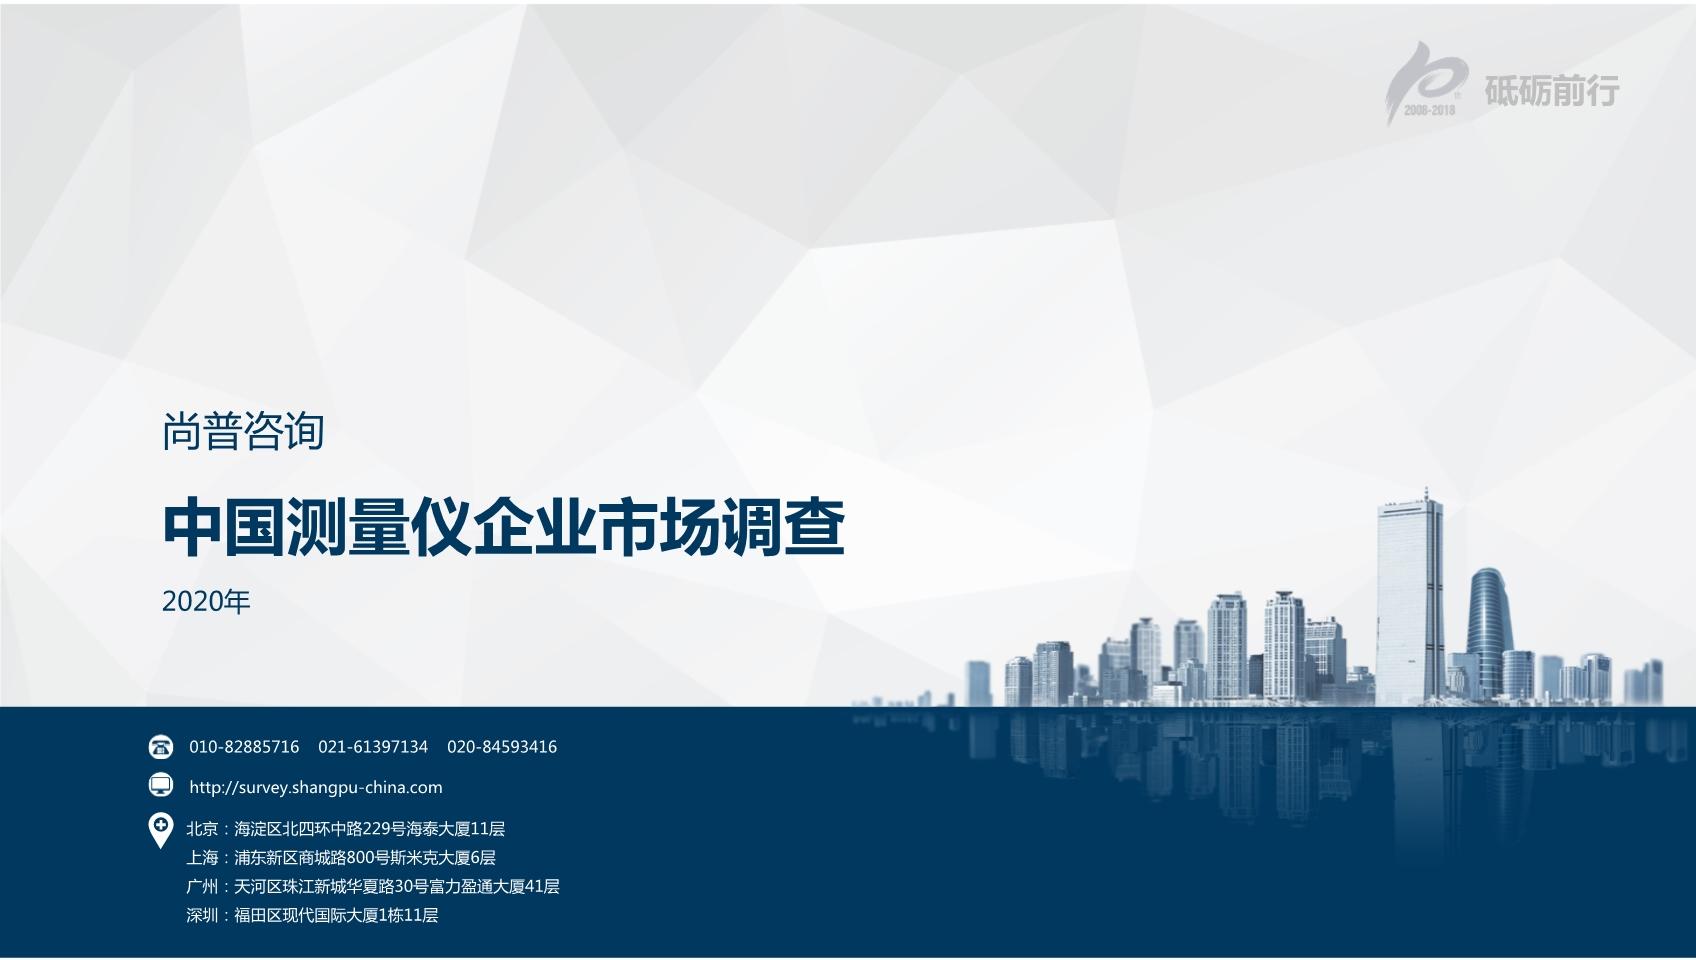 尚普咨询:2020年中国测量仪企业市场调查